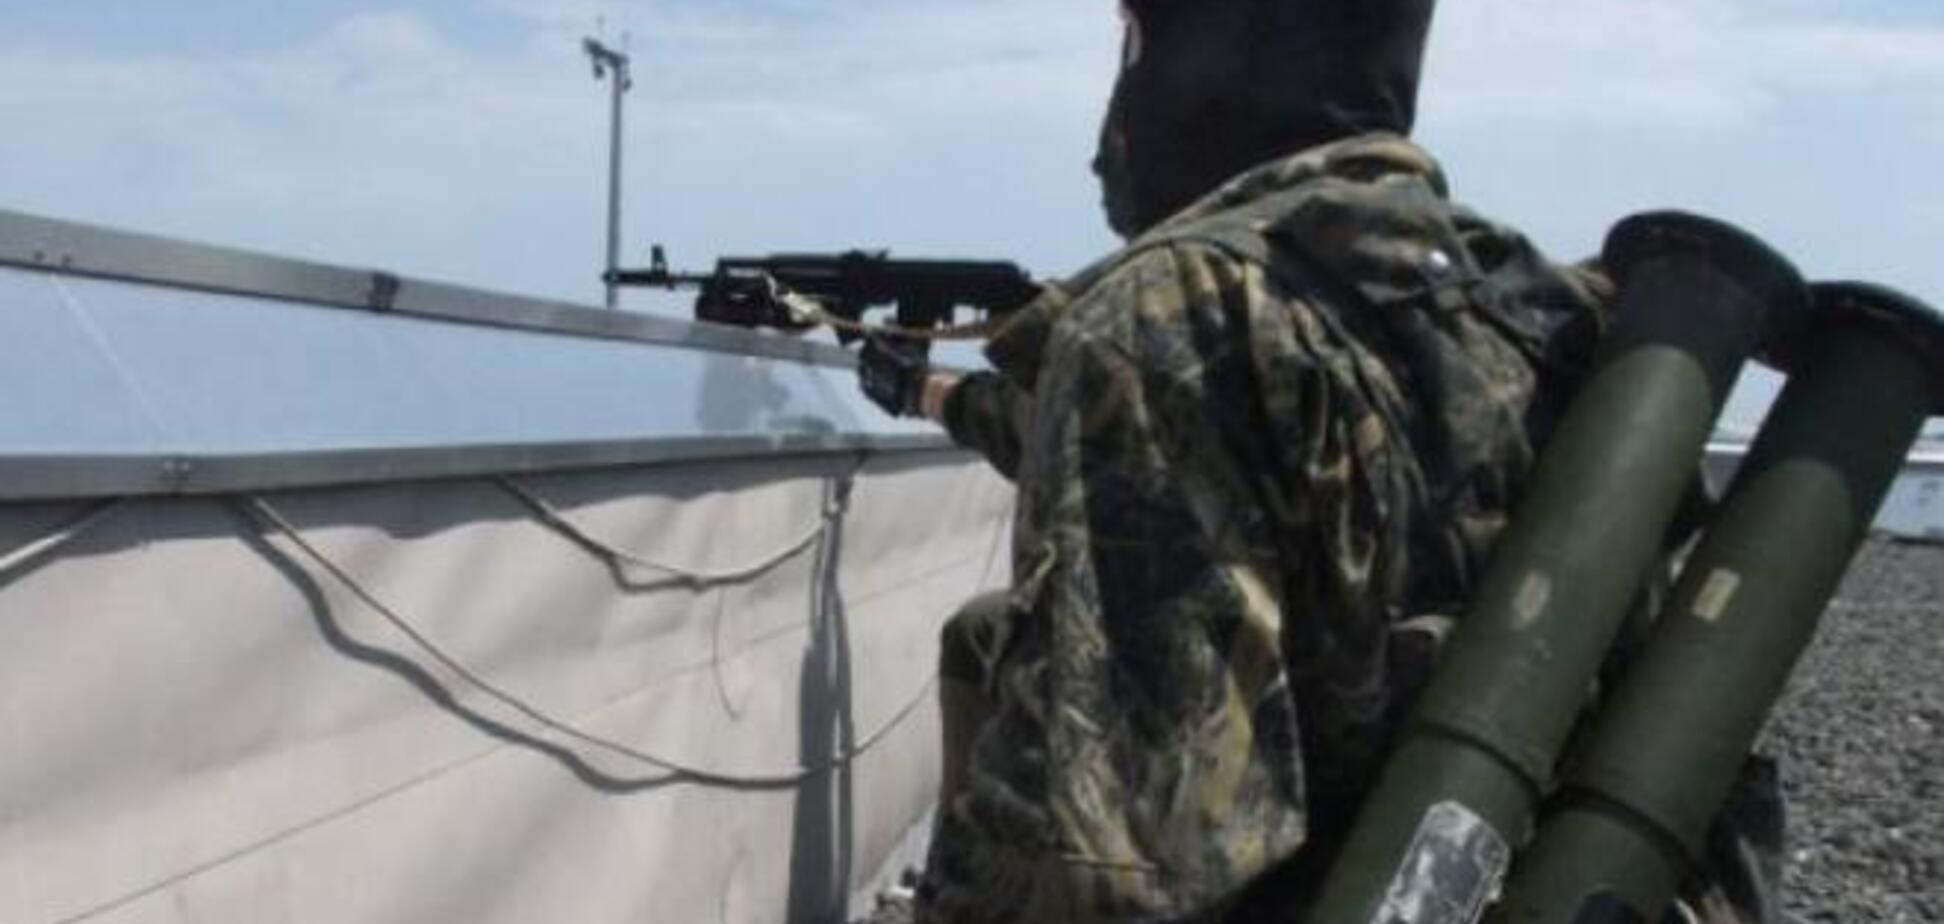 Тымчук: боевики отчаянно сопротивляются, силы АТО несут потери